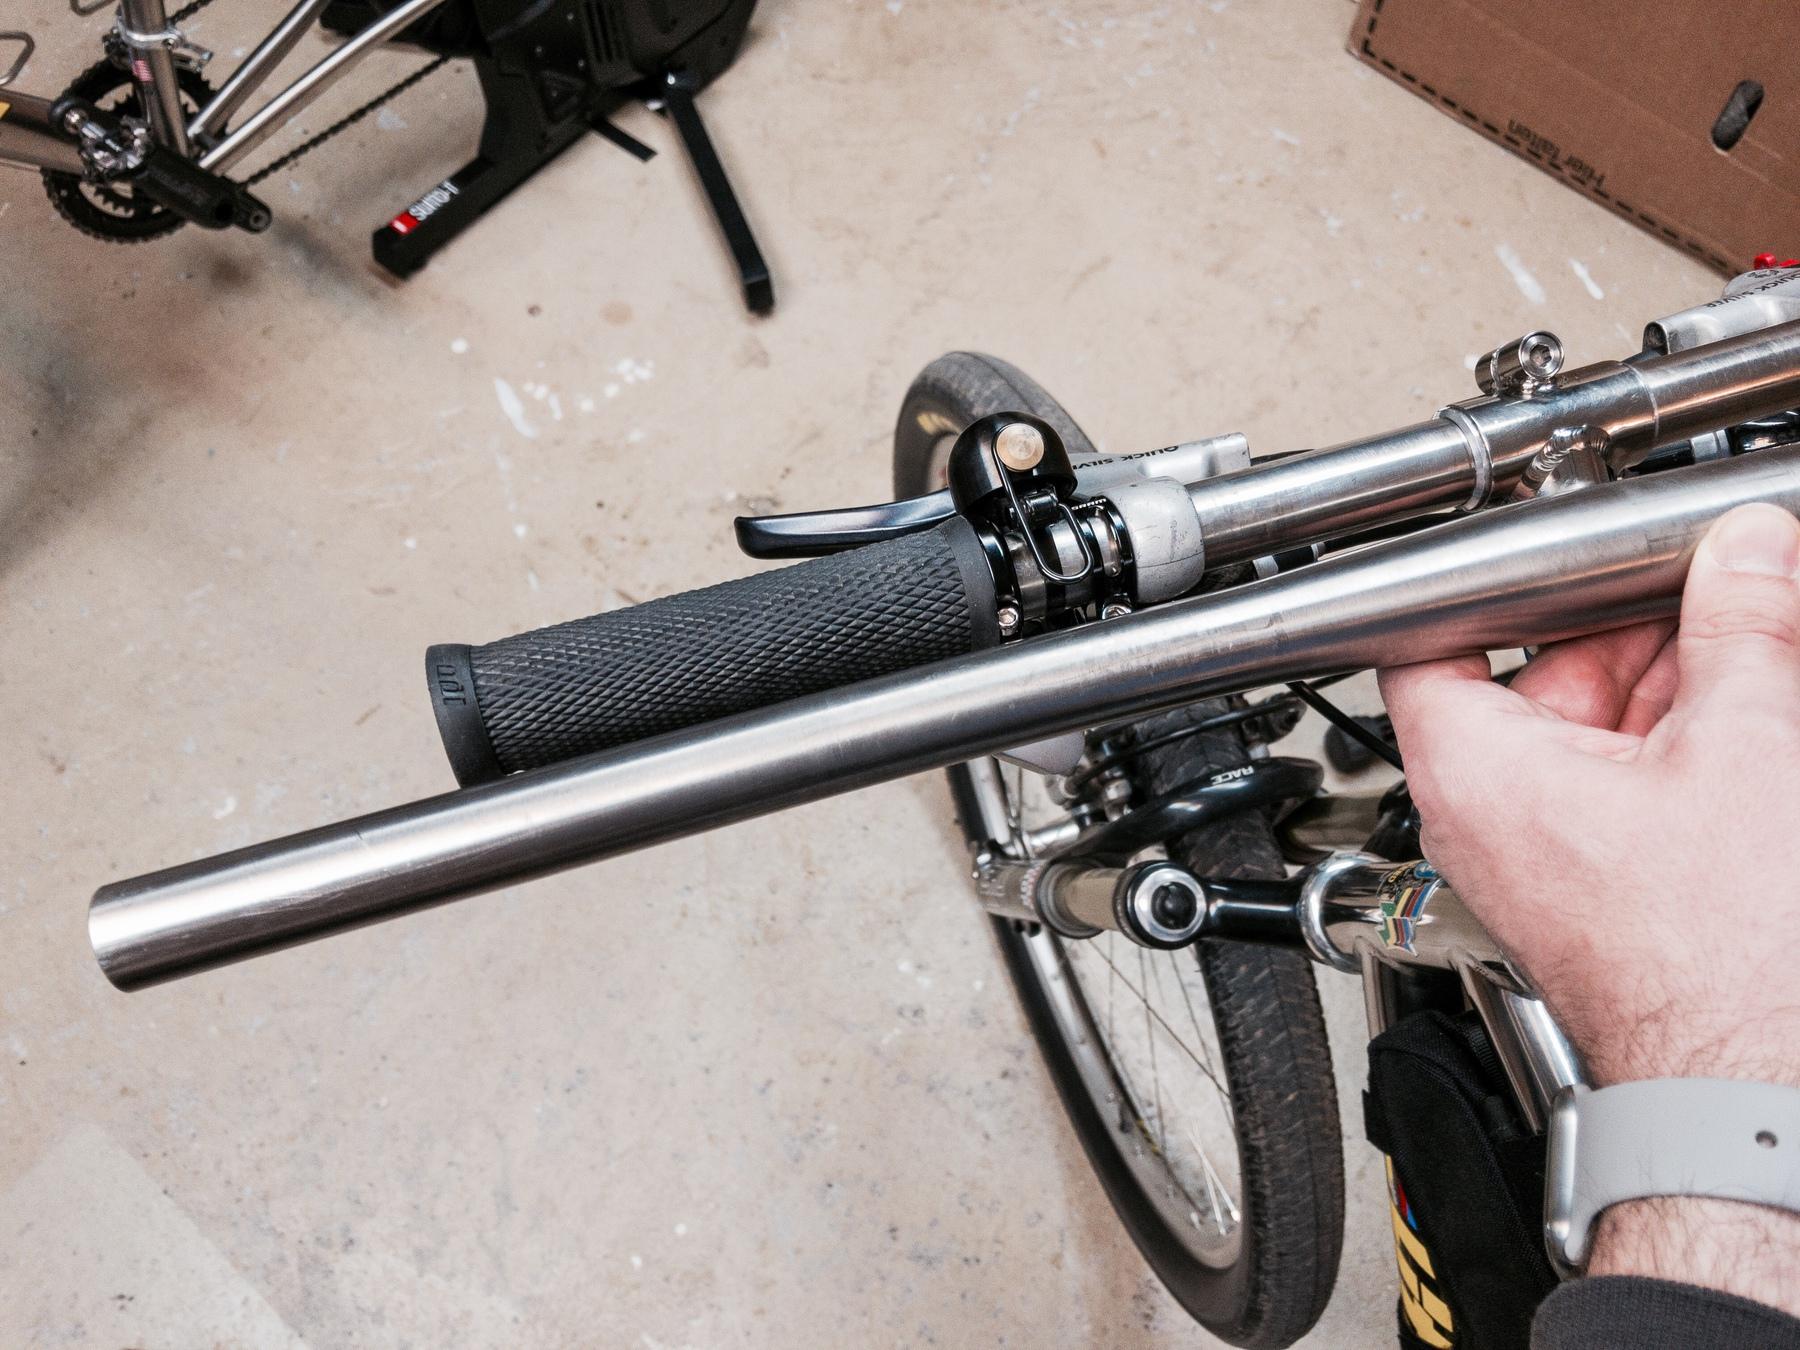 Wide titanium handlebar held over a much narrow handlebar on a bike in a workshop.